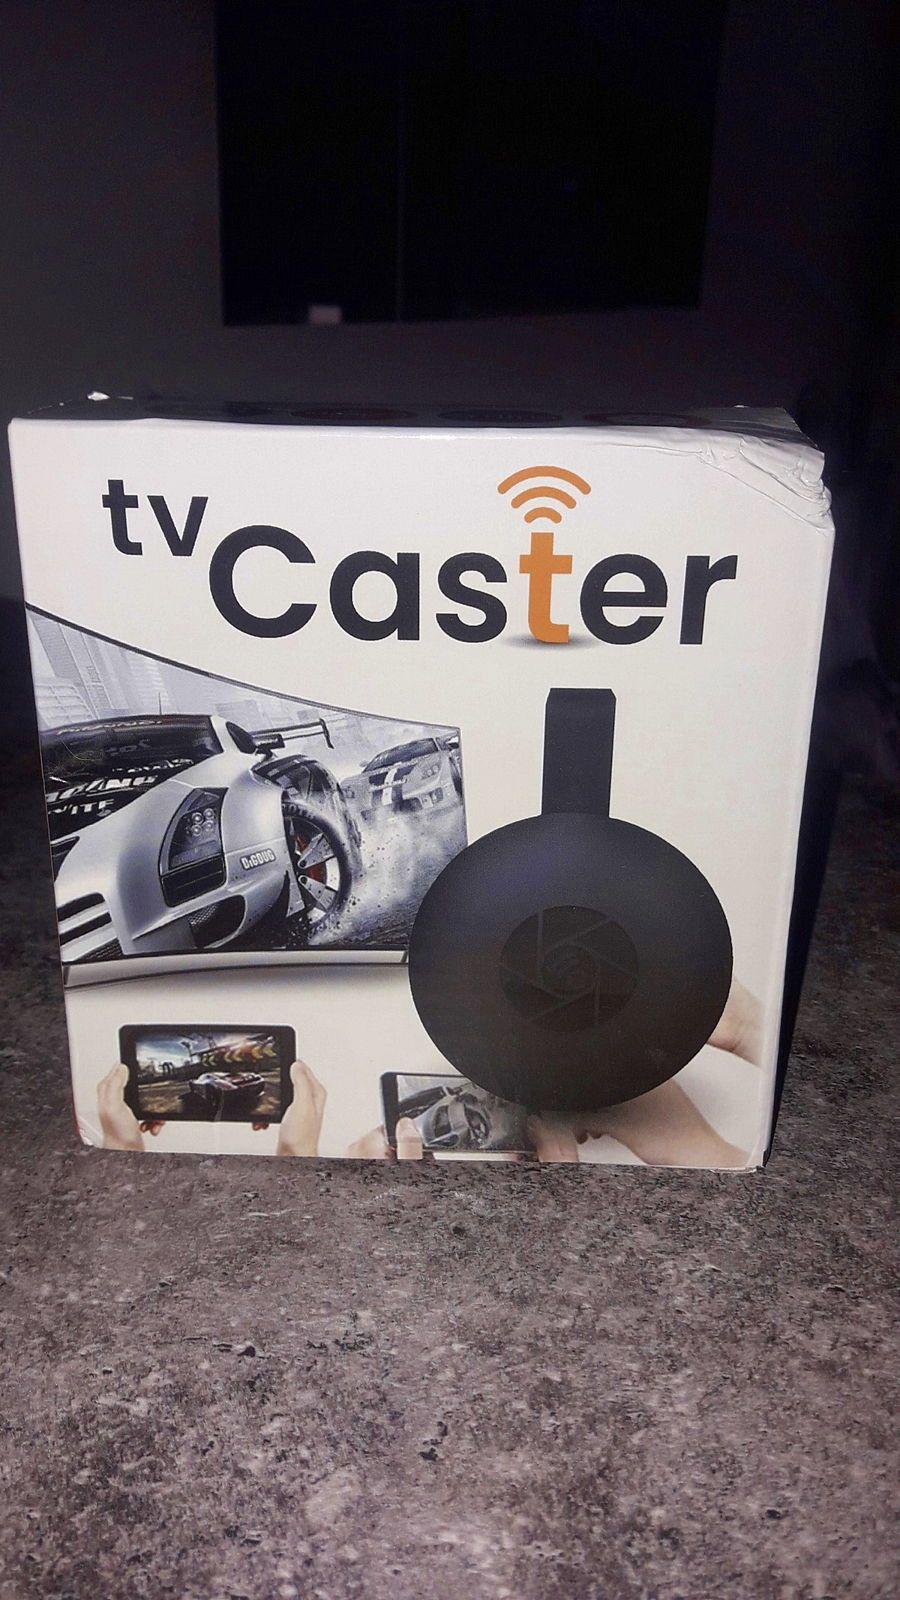 TV CASTER - Projetez votre écran smartphone sur télé